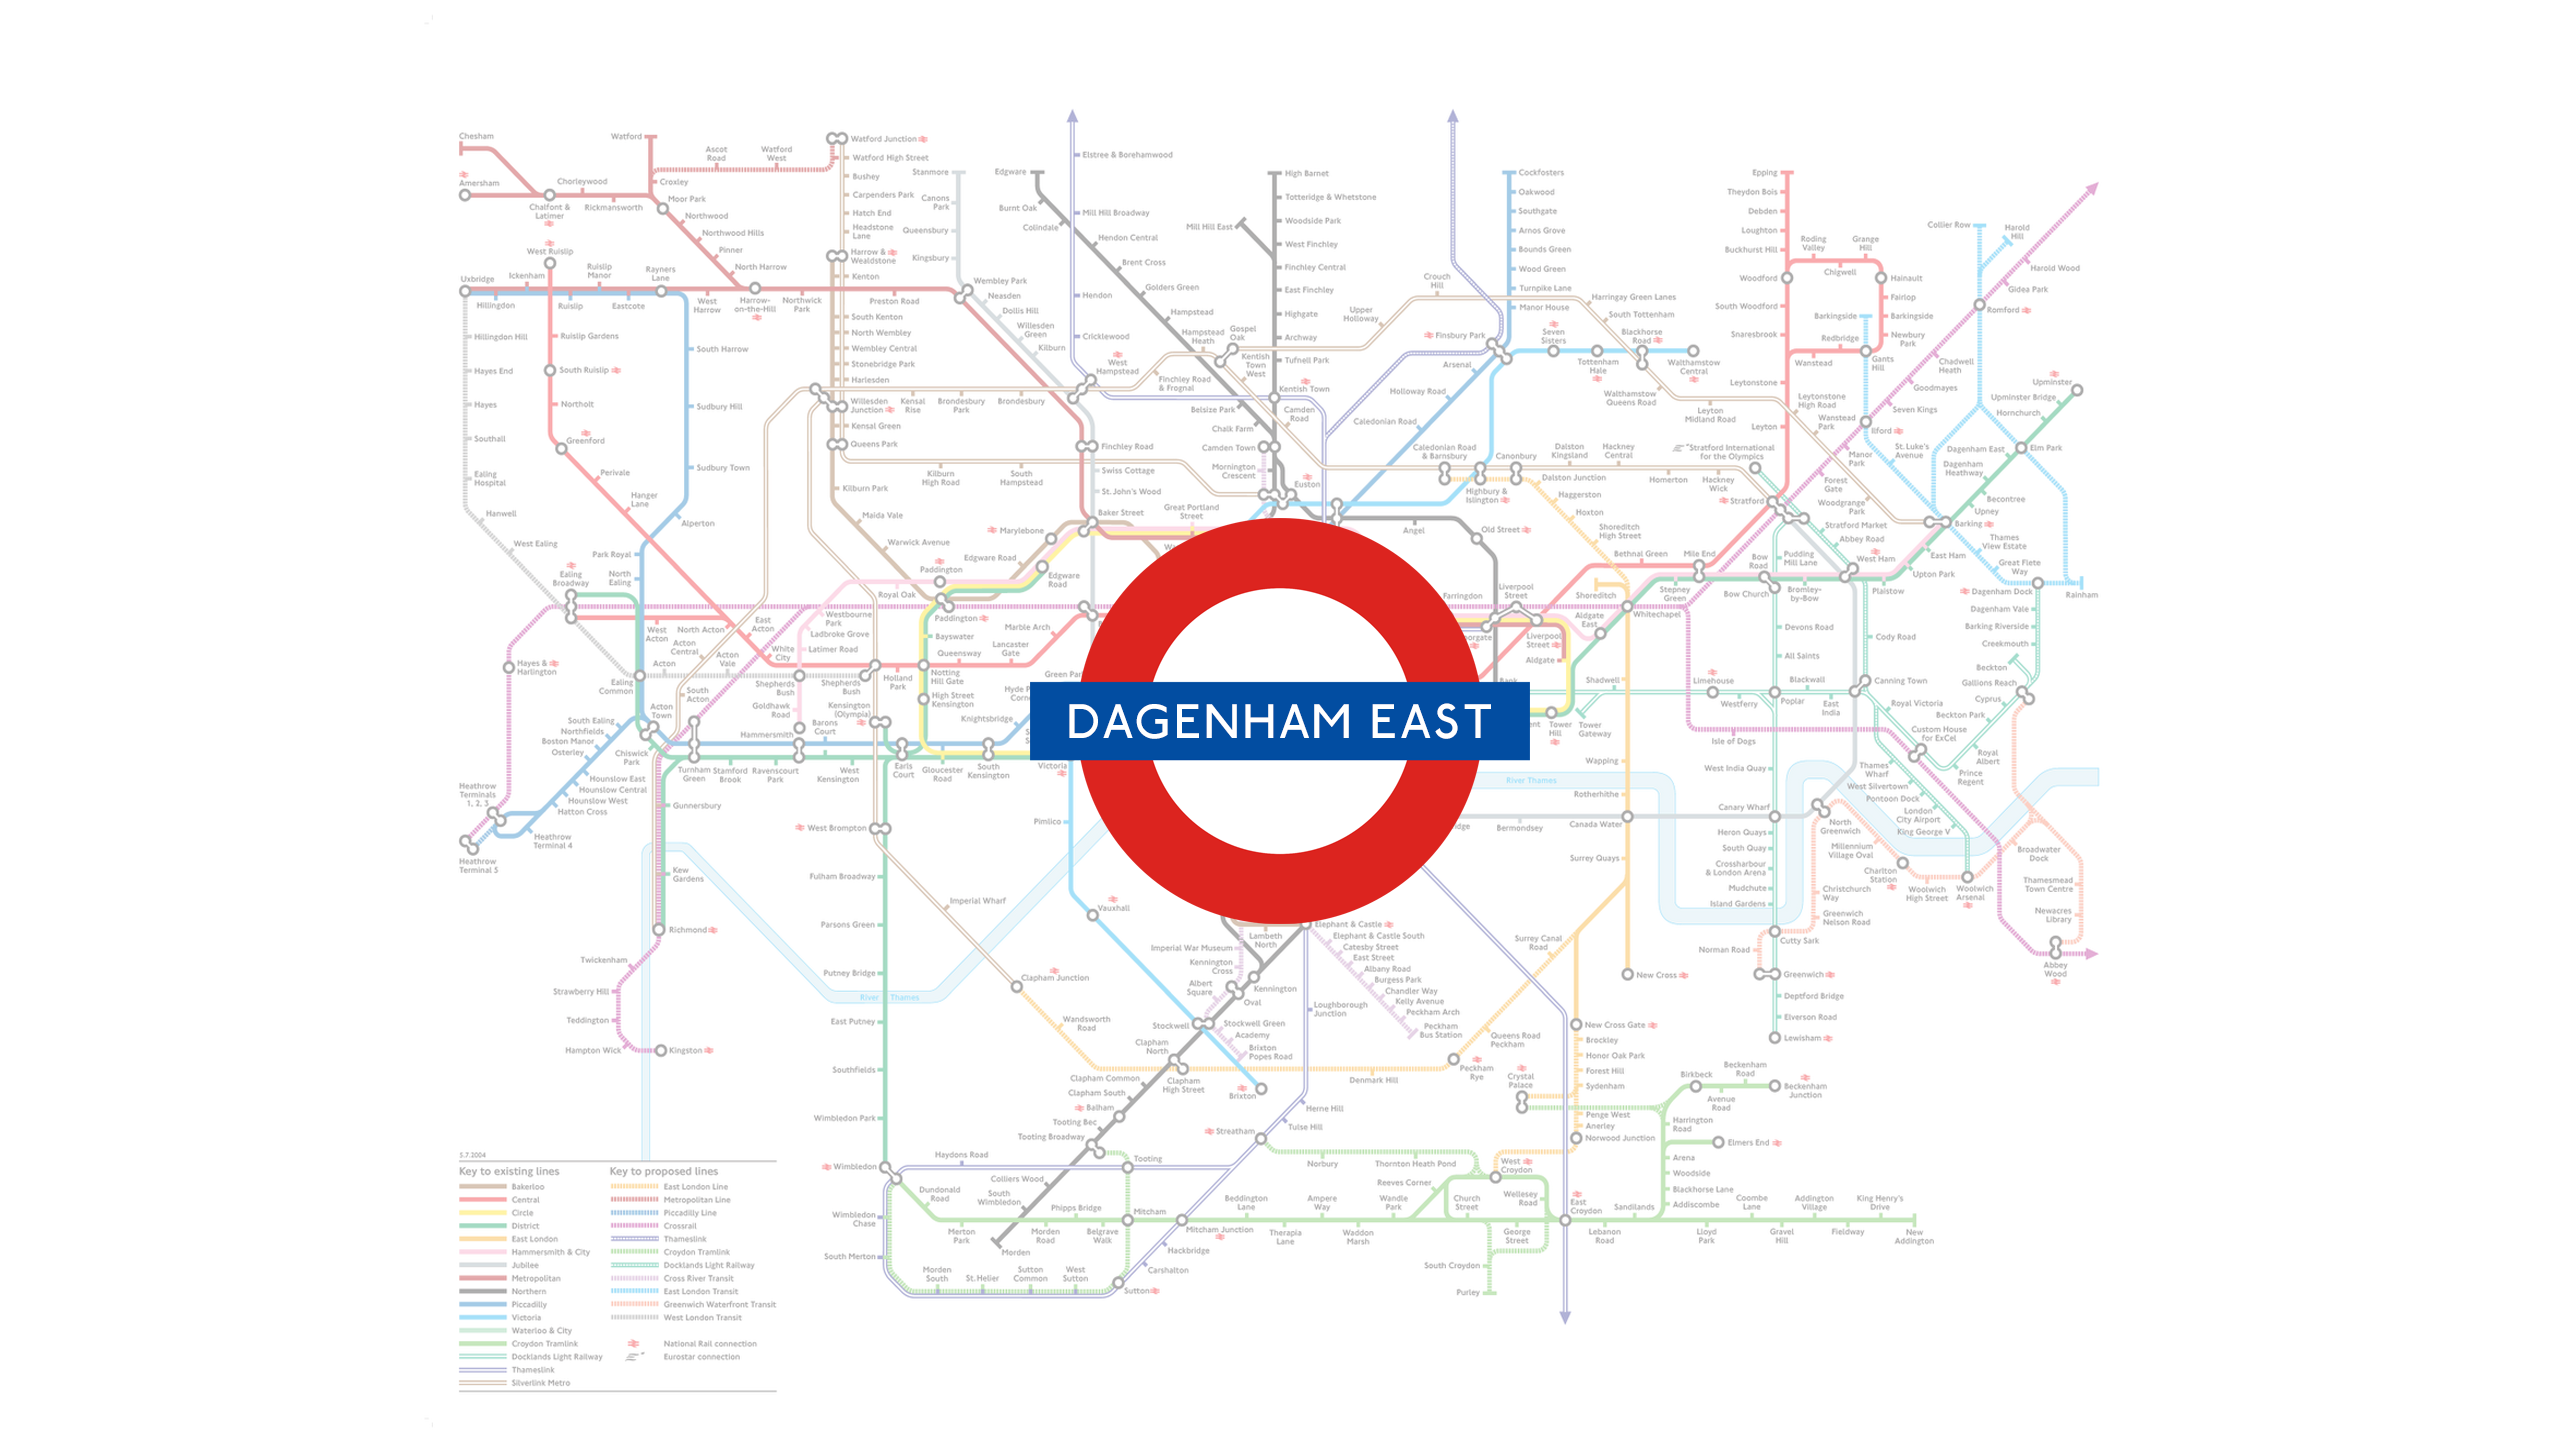 Dagenham East (Map)